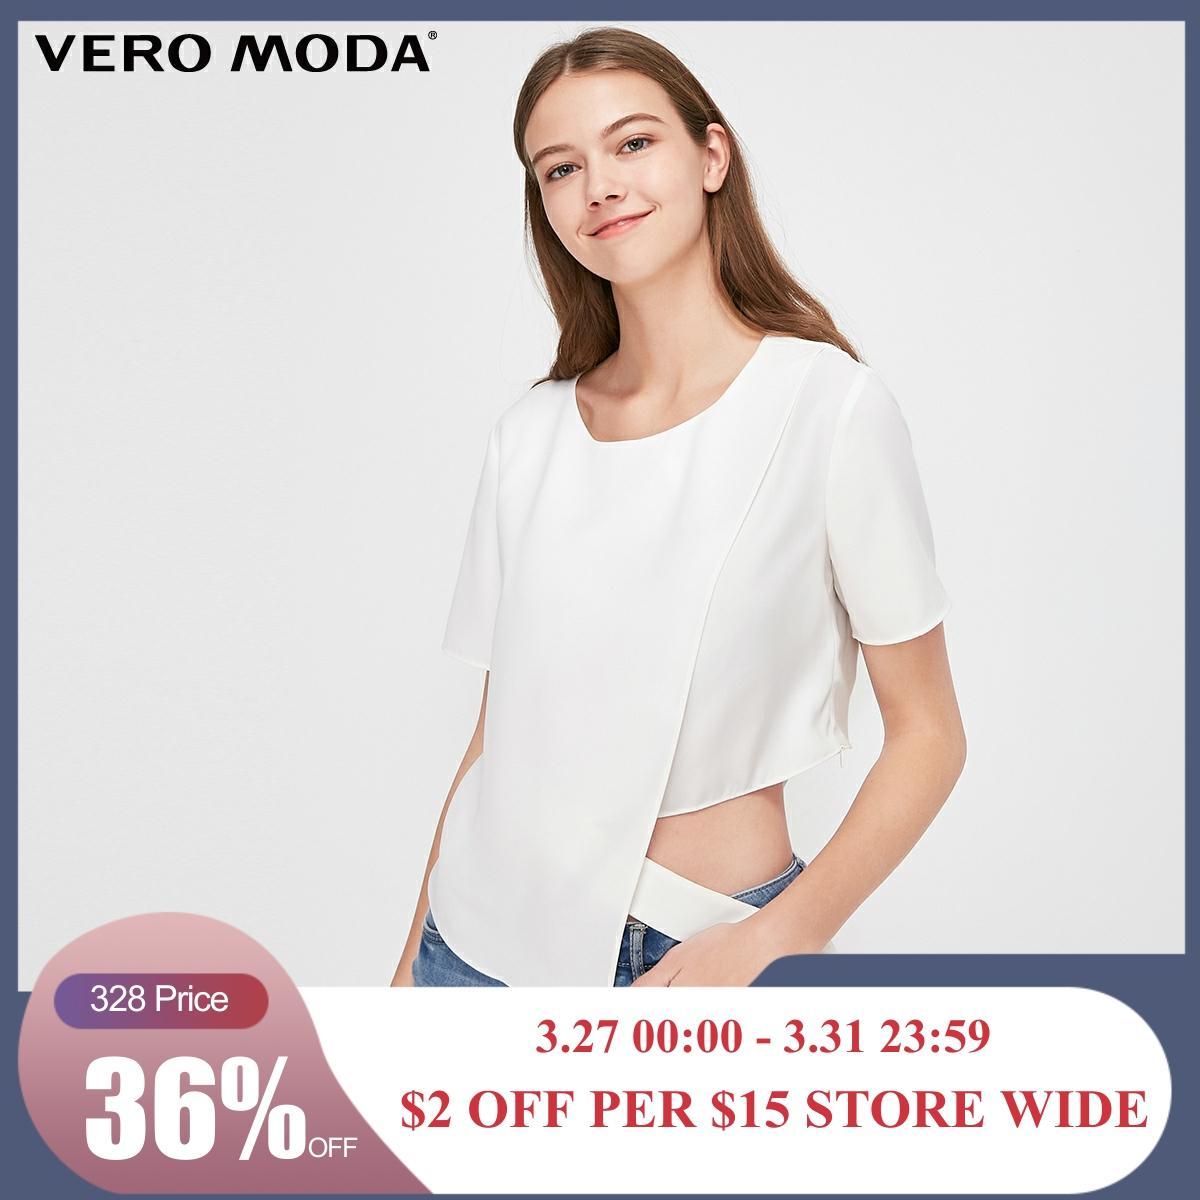 Vero Moda Women's Side Zip Lace-up T-shirt | 319241514